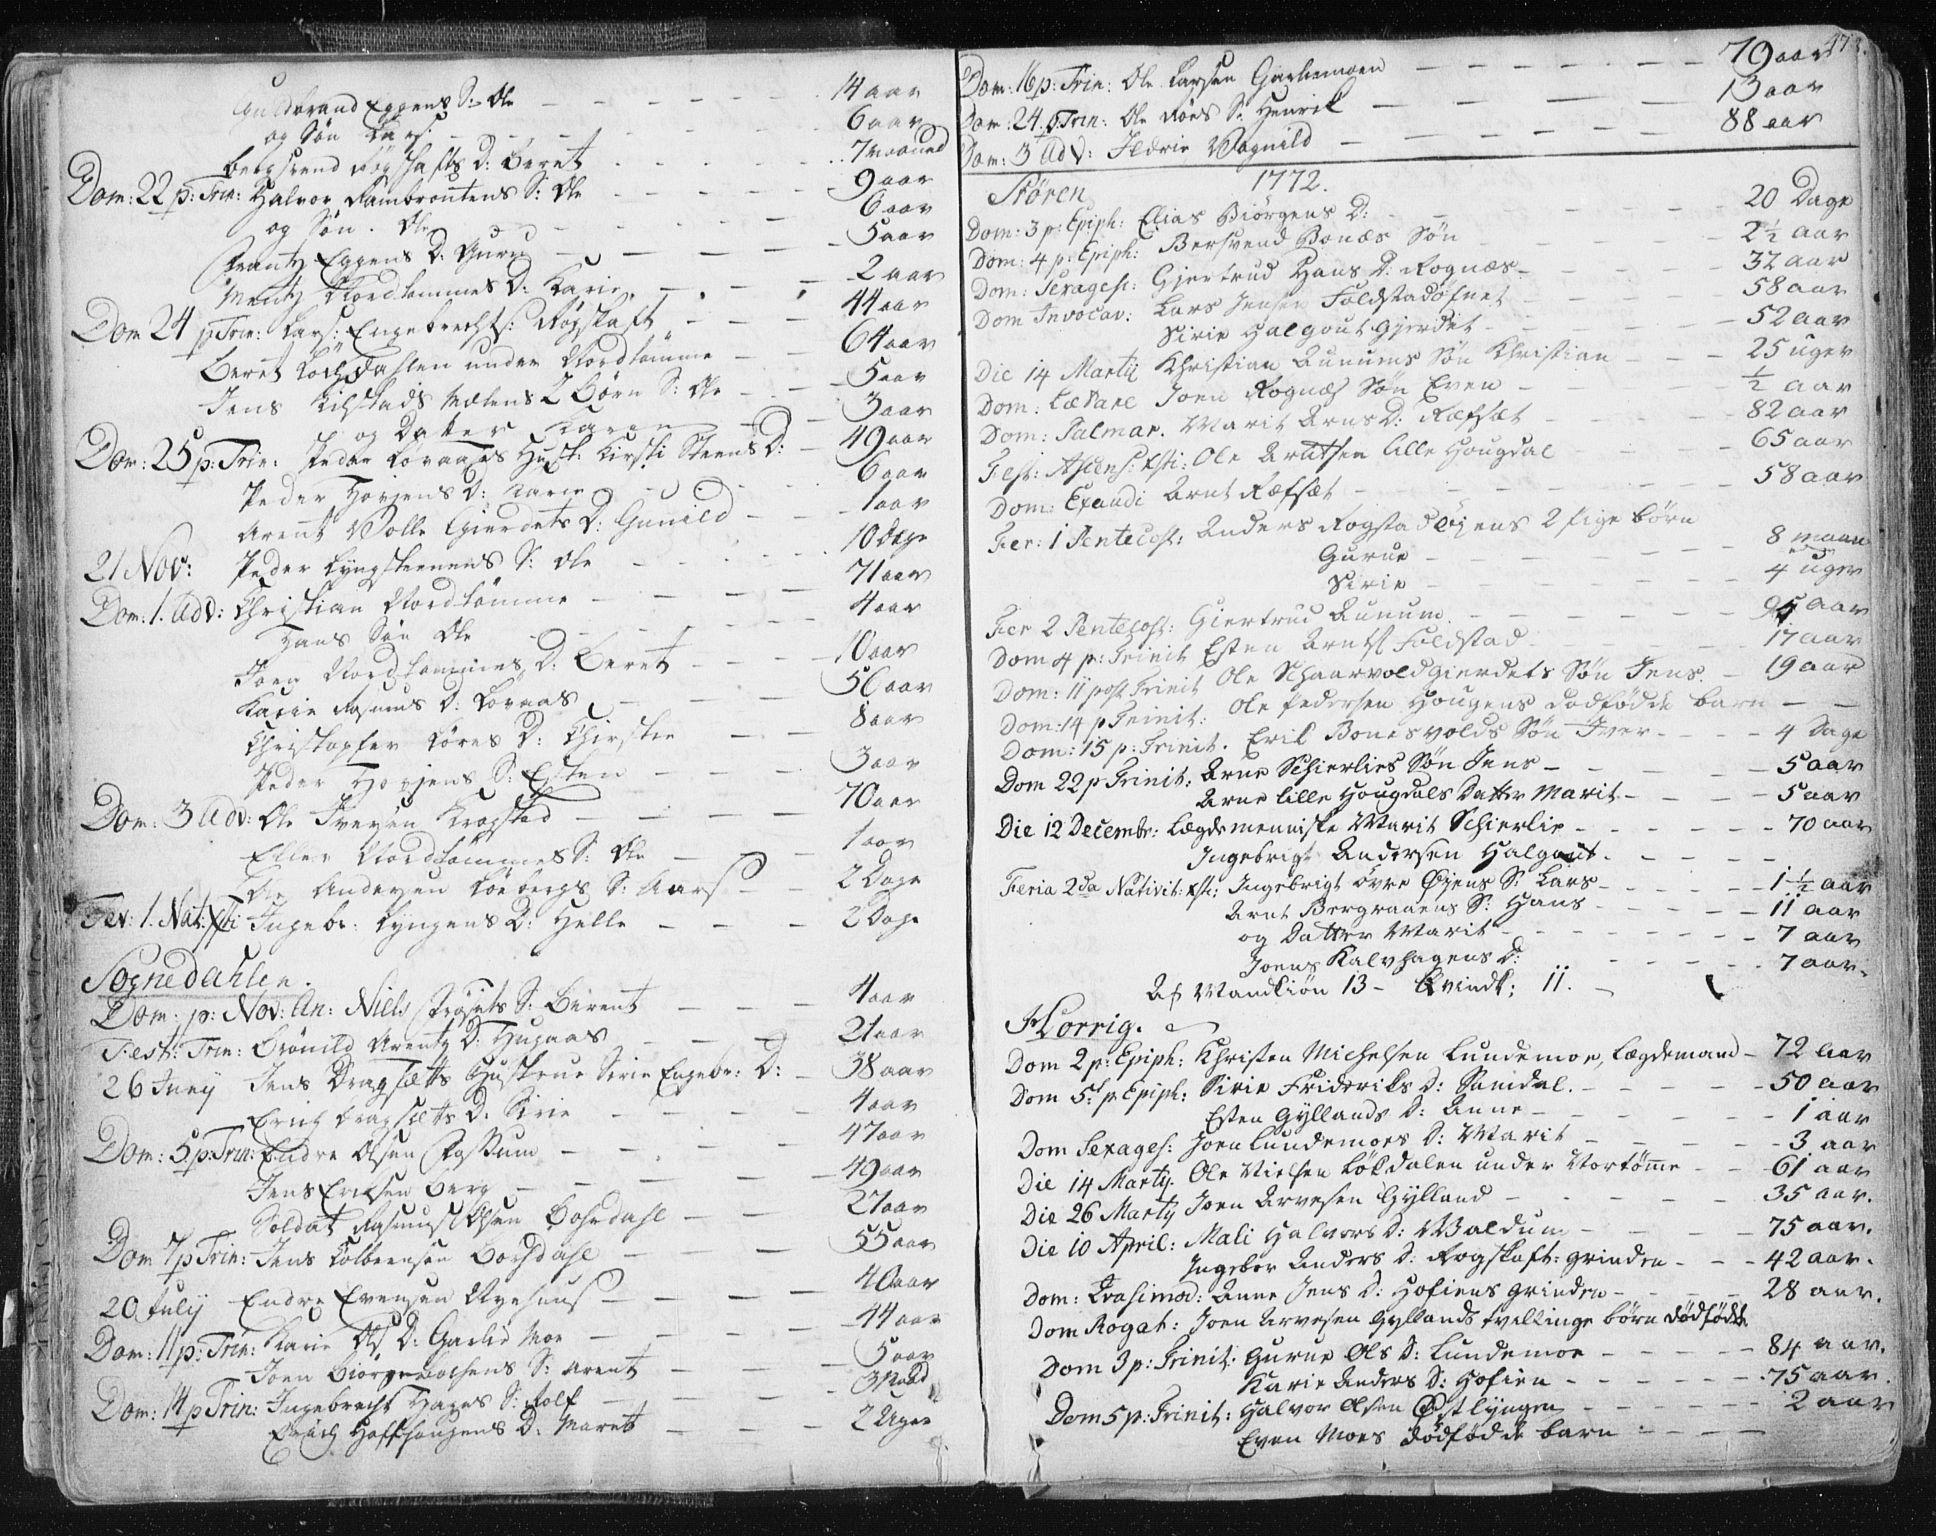 SAT, Ministerialprotokoller, klokkerbøker og fødselsregistre - Sør-Trøndelag, 687/L0991: Ministerialbok nr. 687A02, 1747-1790, s. 47